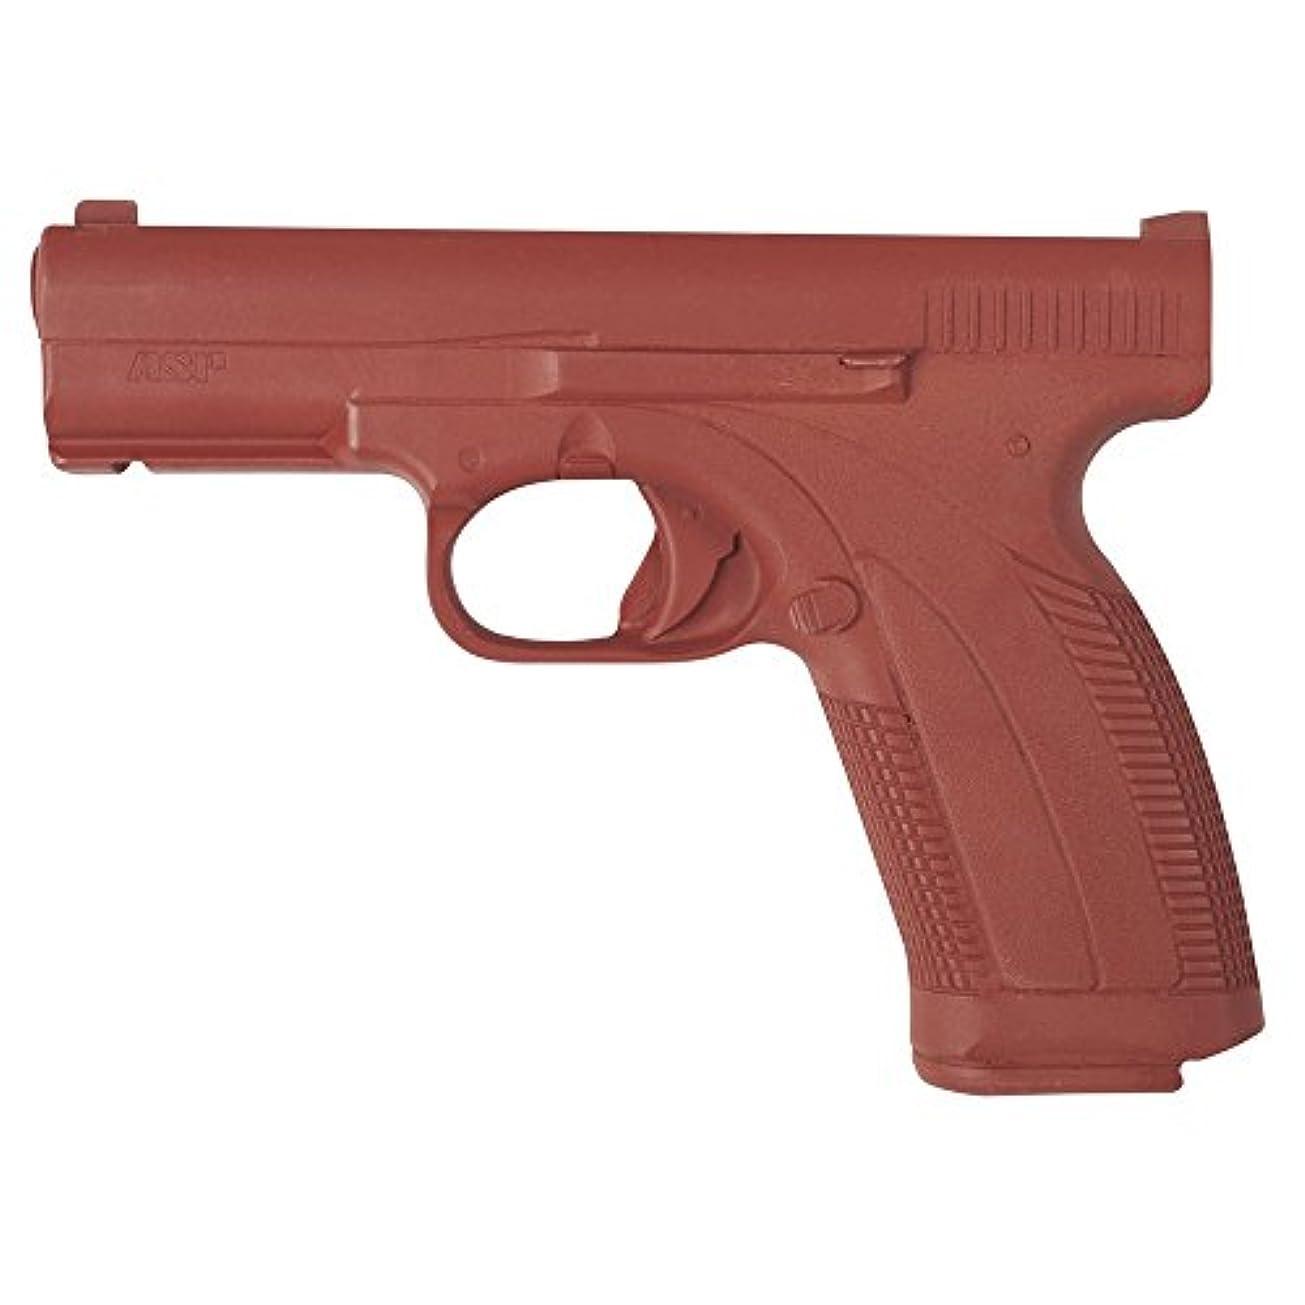 メインあなたのものリレーASP S&W 9mm/.40 コンパクトレッドガンレプリカ トレーニングや練習用 武道付き